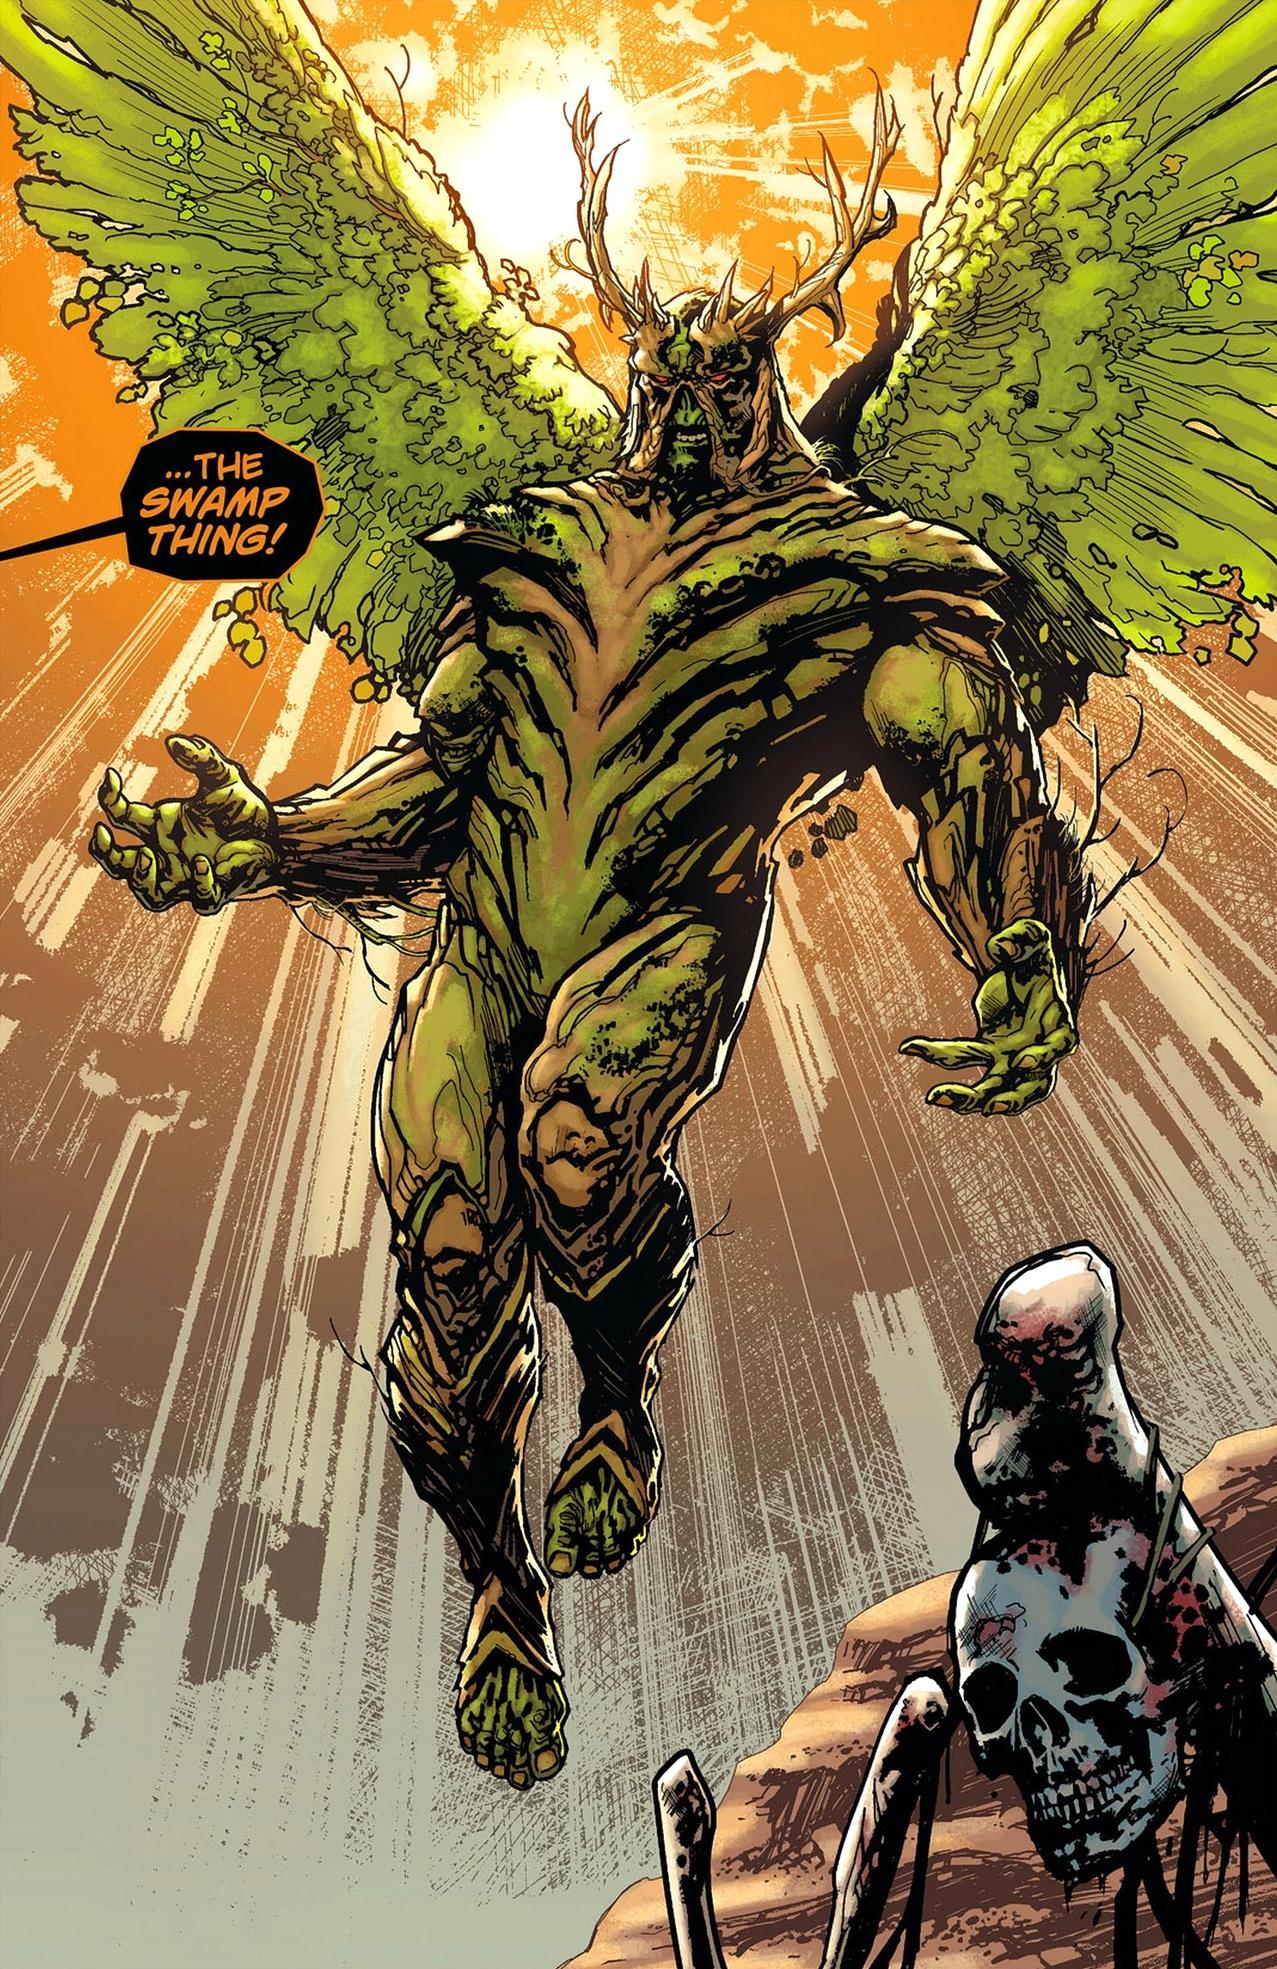 Swamp Thing (Alec Holland) | Shazam Wiki | FANDOM powered by Wikia